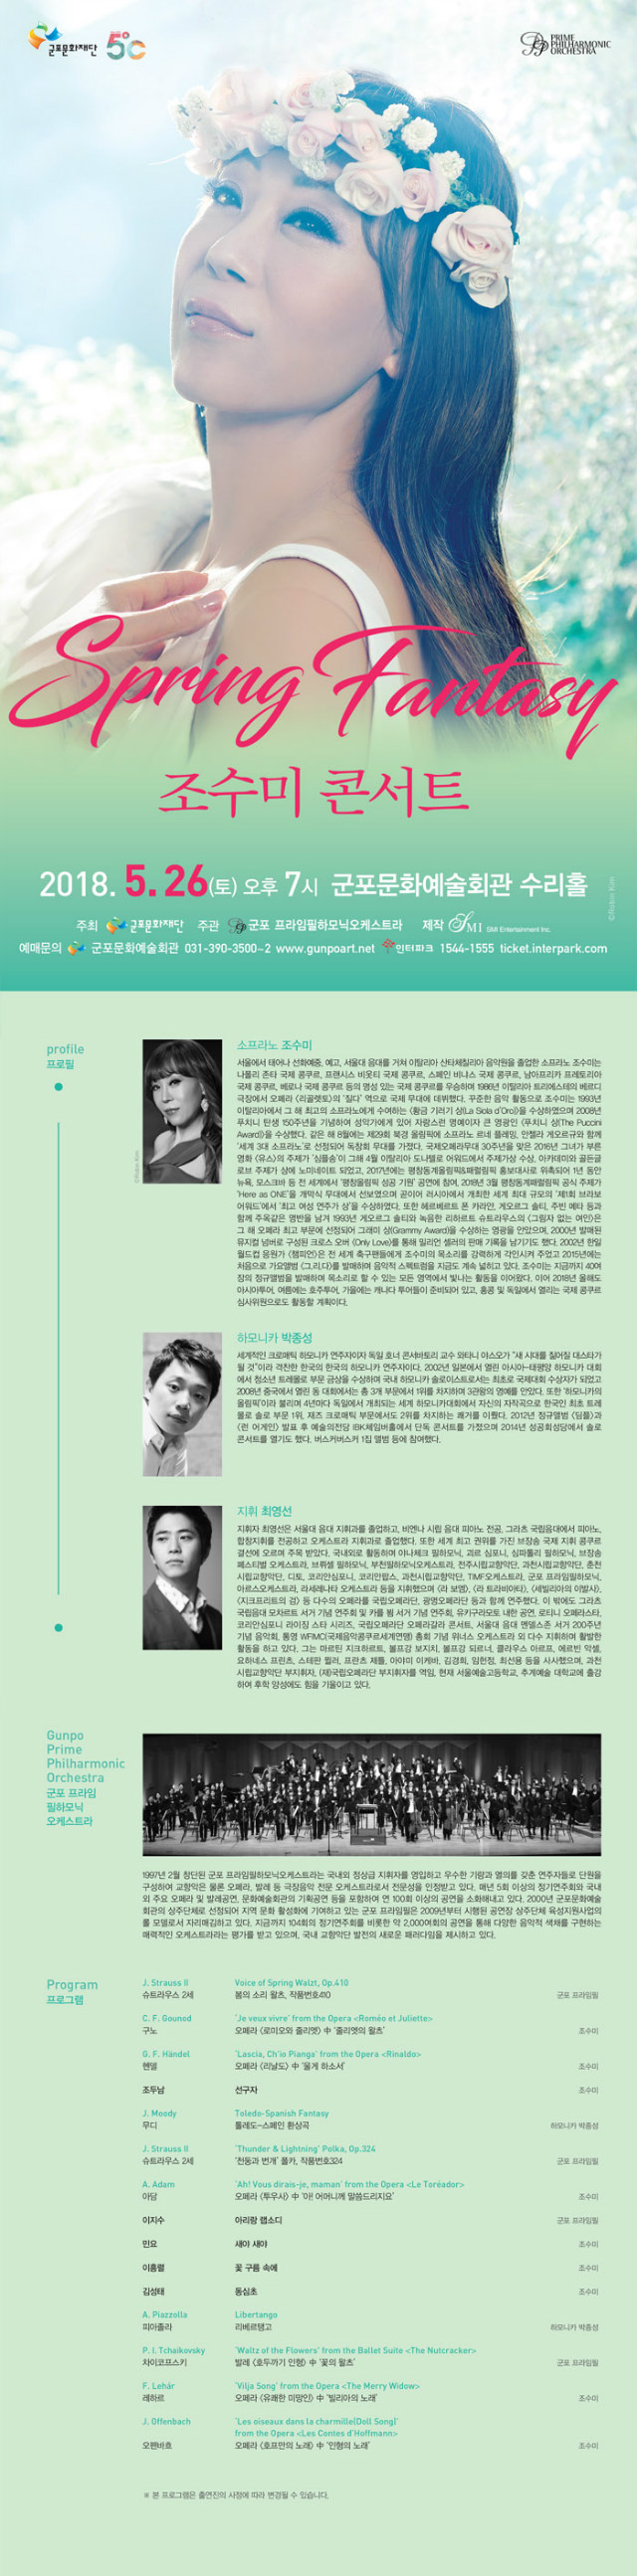 0526 조수미 콘서트 상세배너 최종.jpg